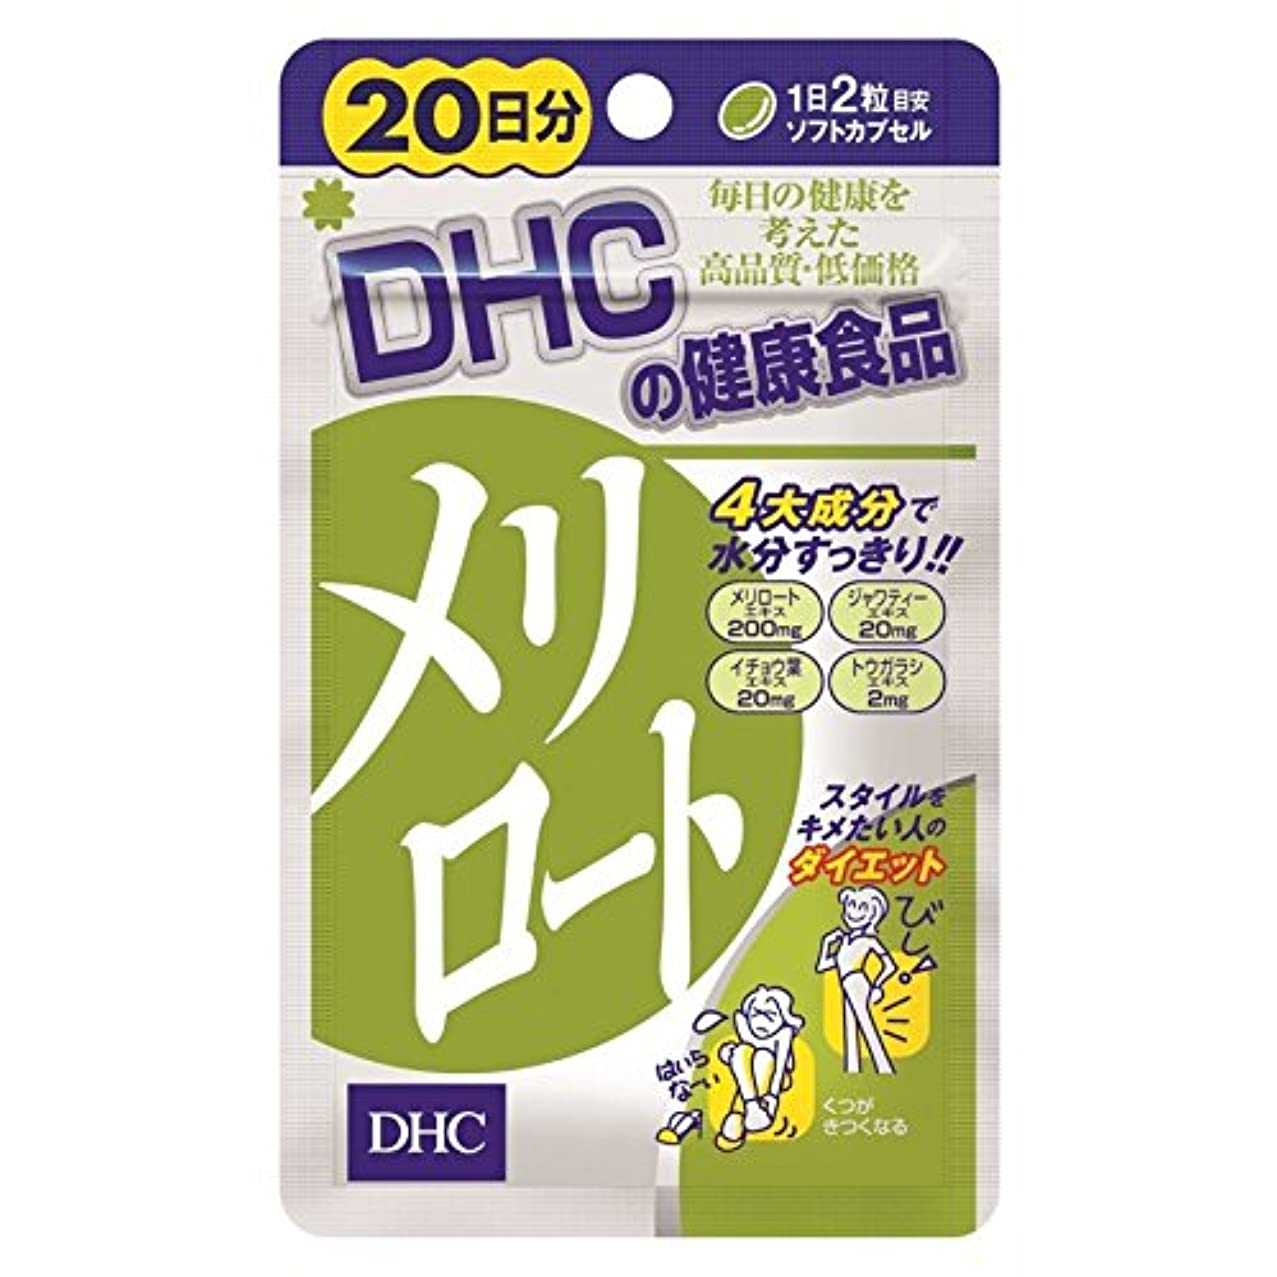 サーバントいう叱るDHC メリロート 20日分40粒 X 12個セット